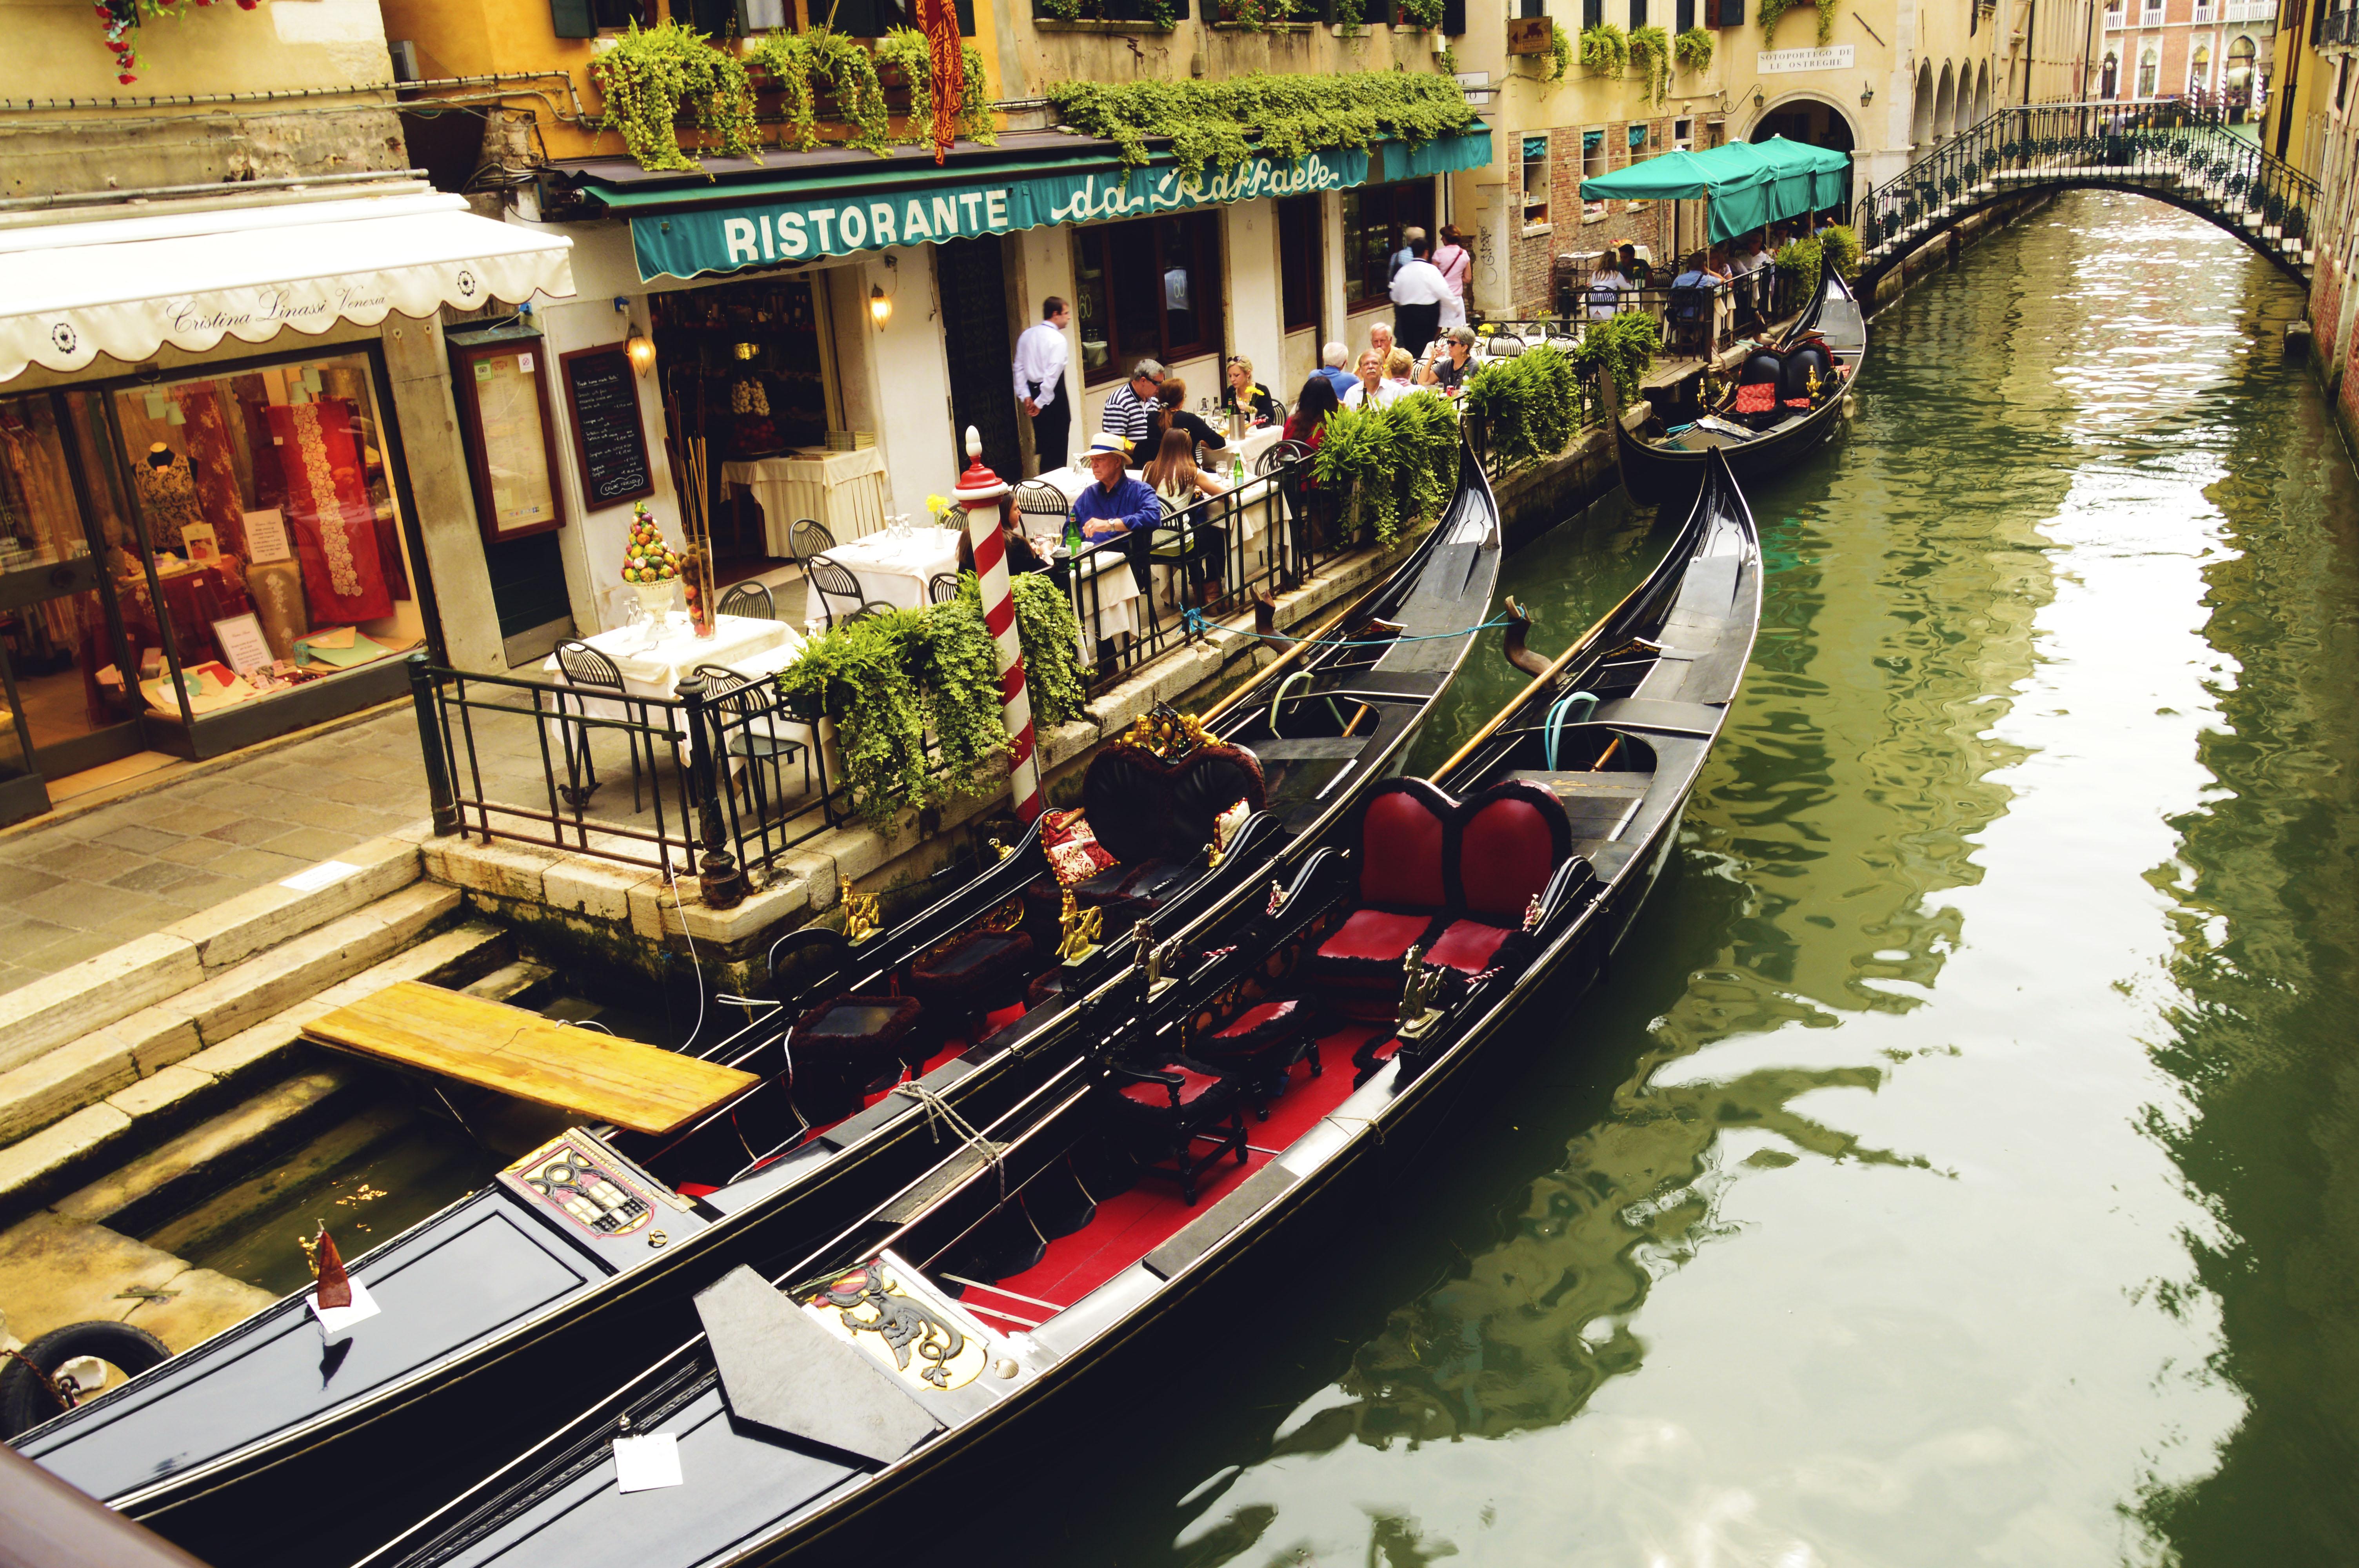 Venezia - Rozmówki polsko-włoskie - Kate Traveller - Blog podróżniczy